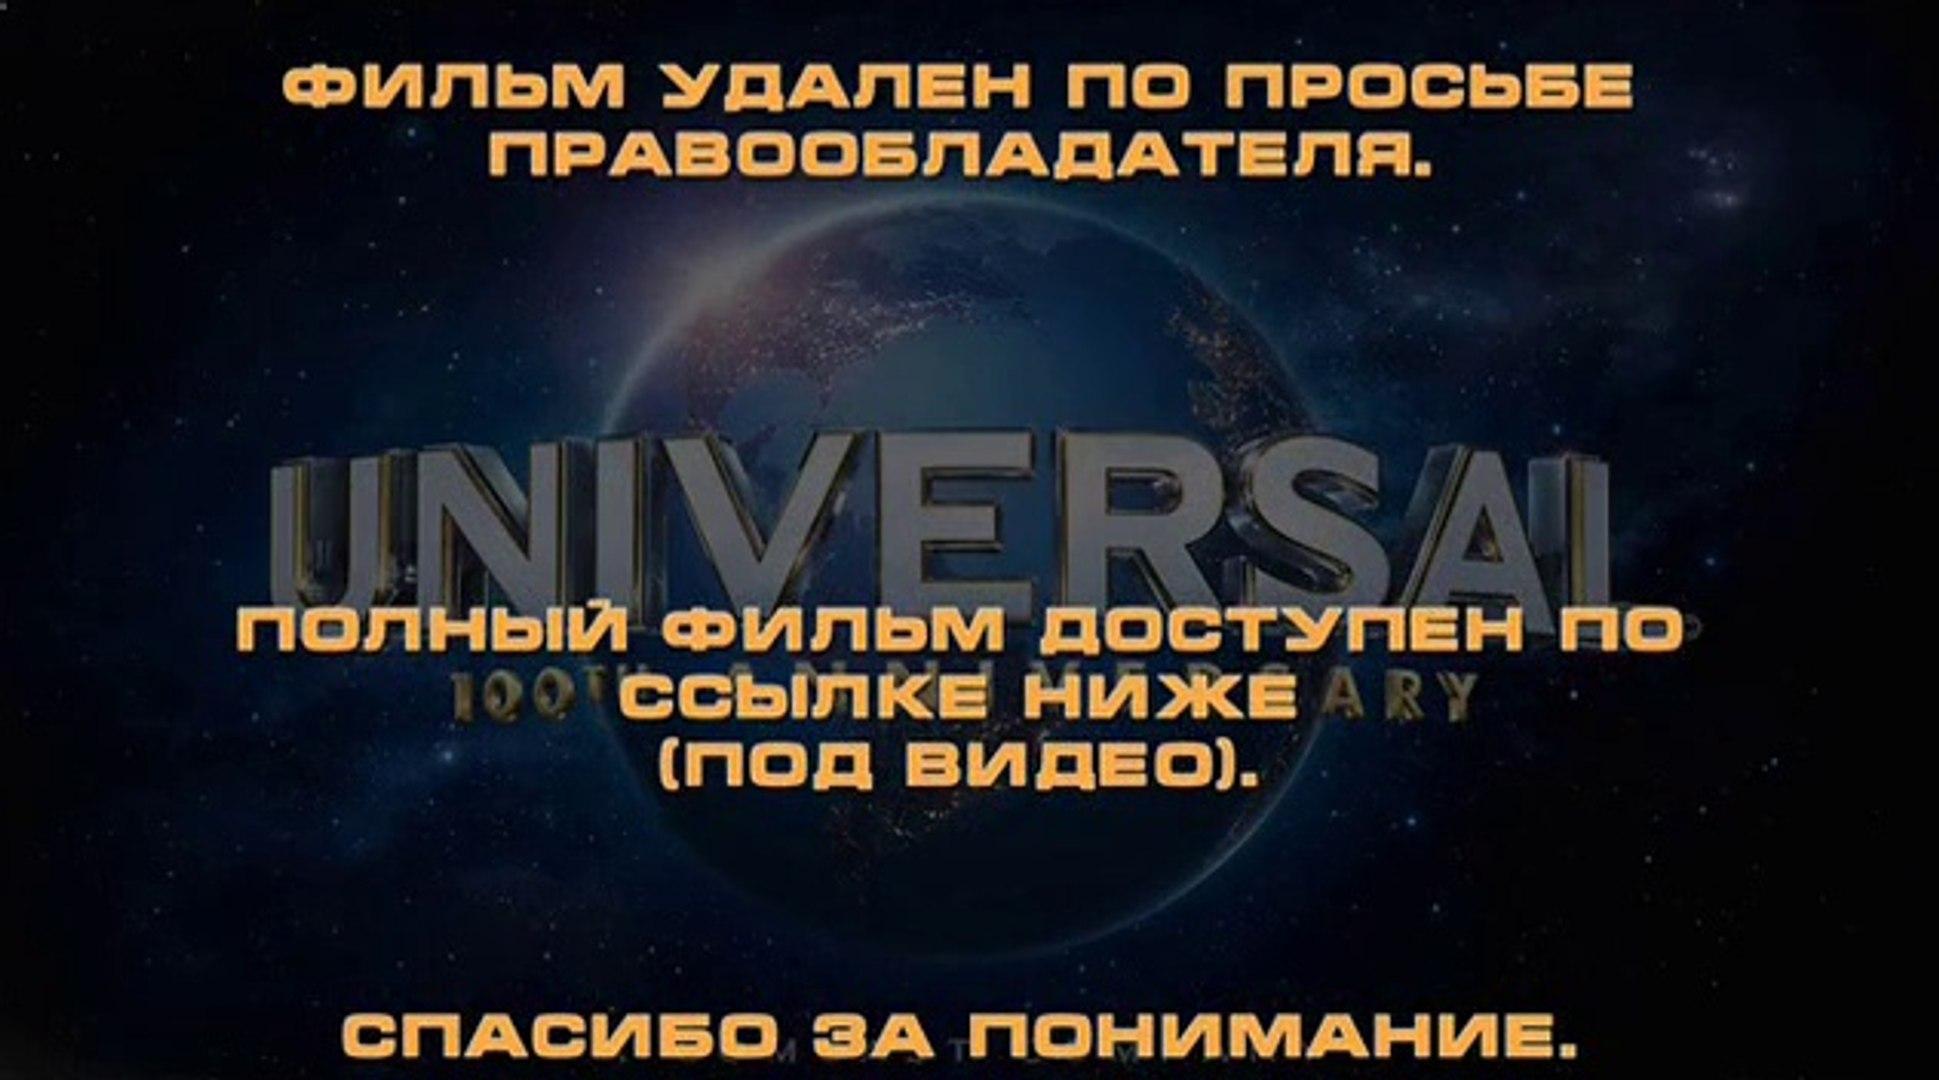 Полный фильм 3 дня на убийство 2014 смотреть онлайн в HD качестве на русском by EgK